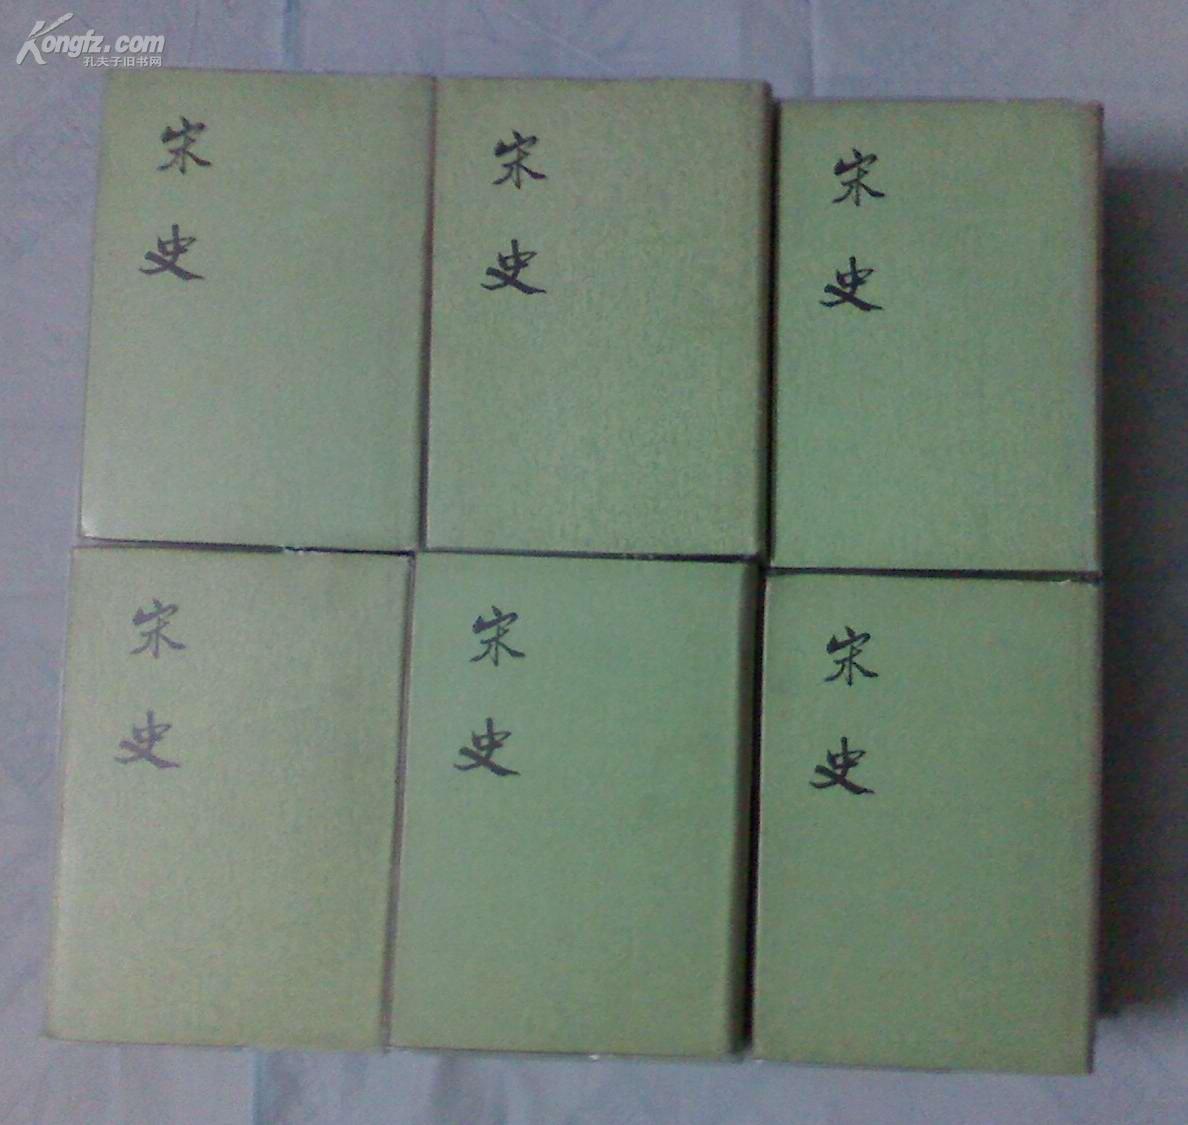 《宋史》精装40册全中华书局老版本本网最低价